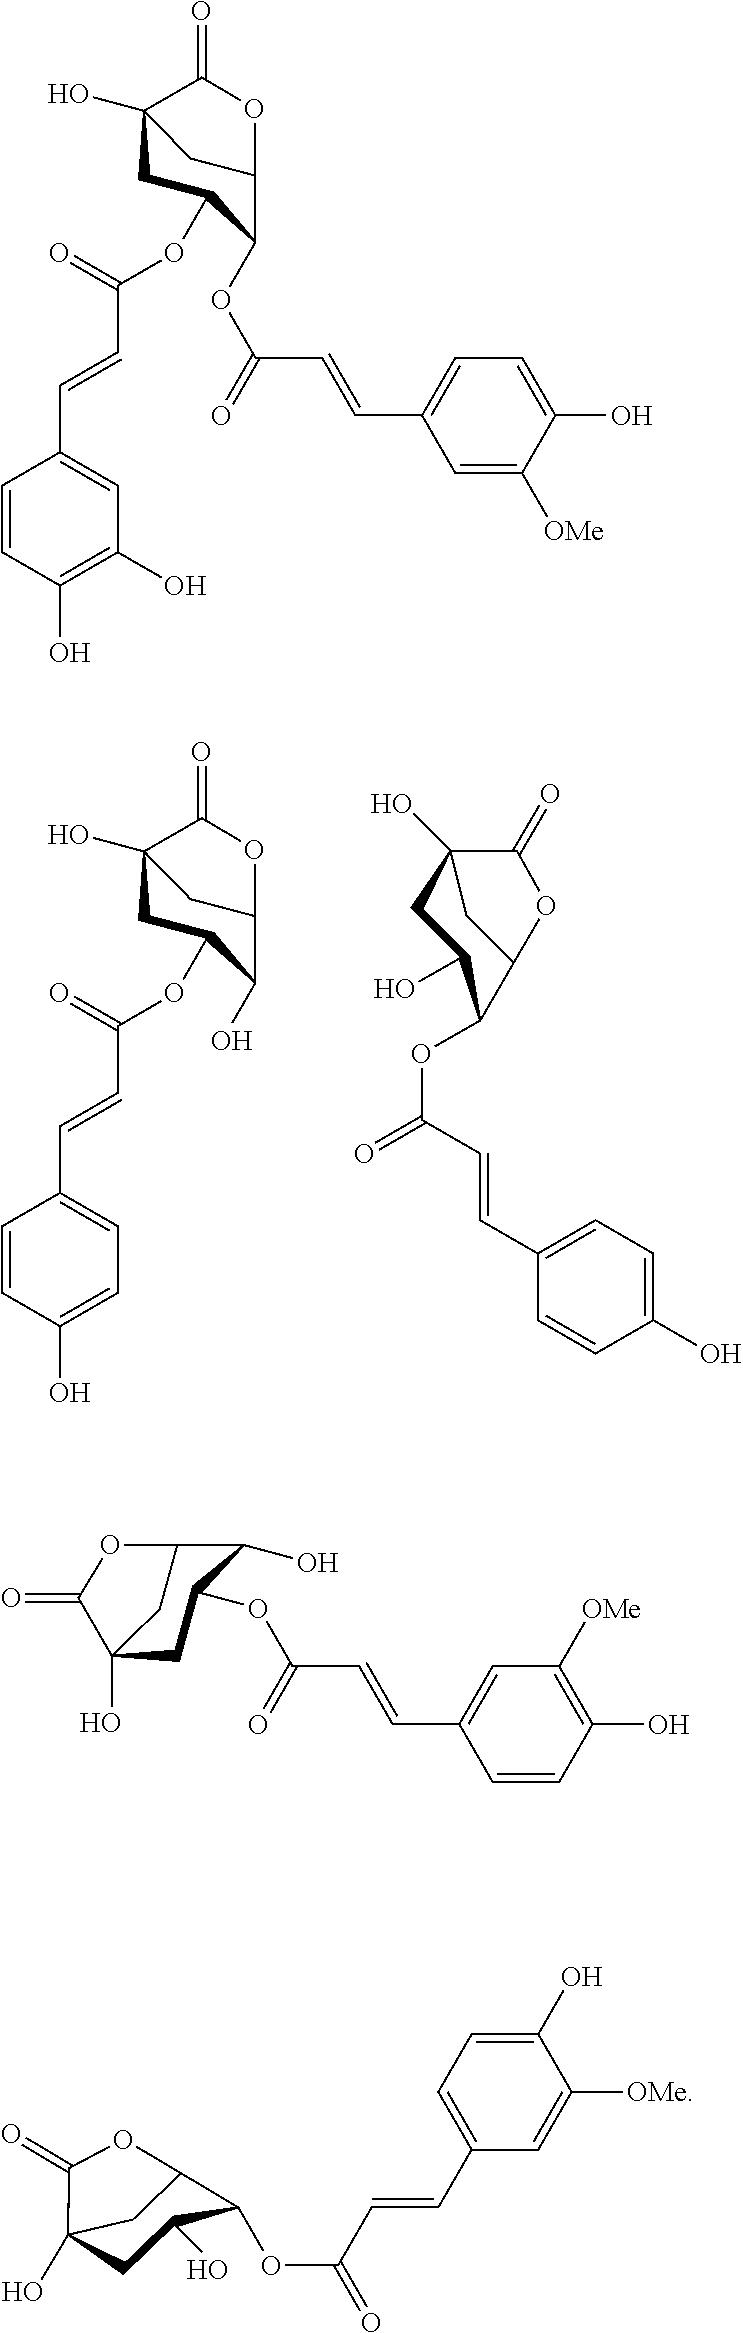 Figure US09962344-20180508-C00018